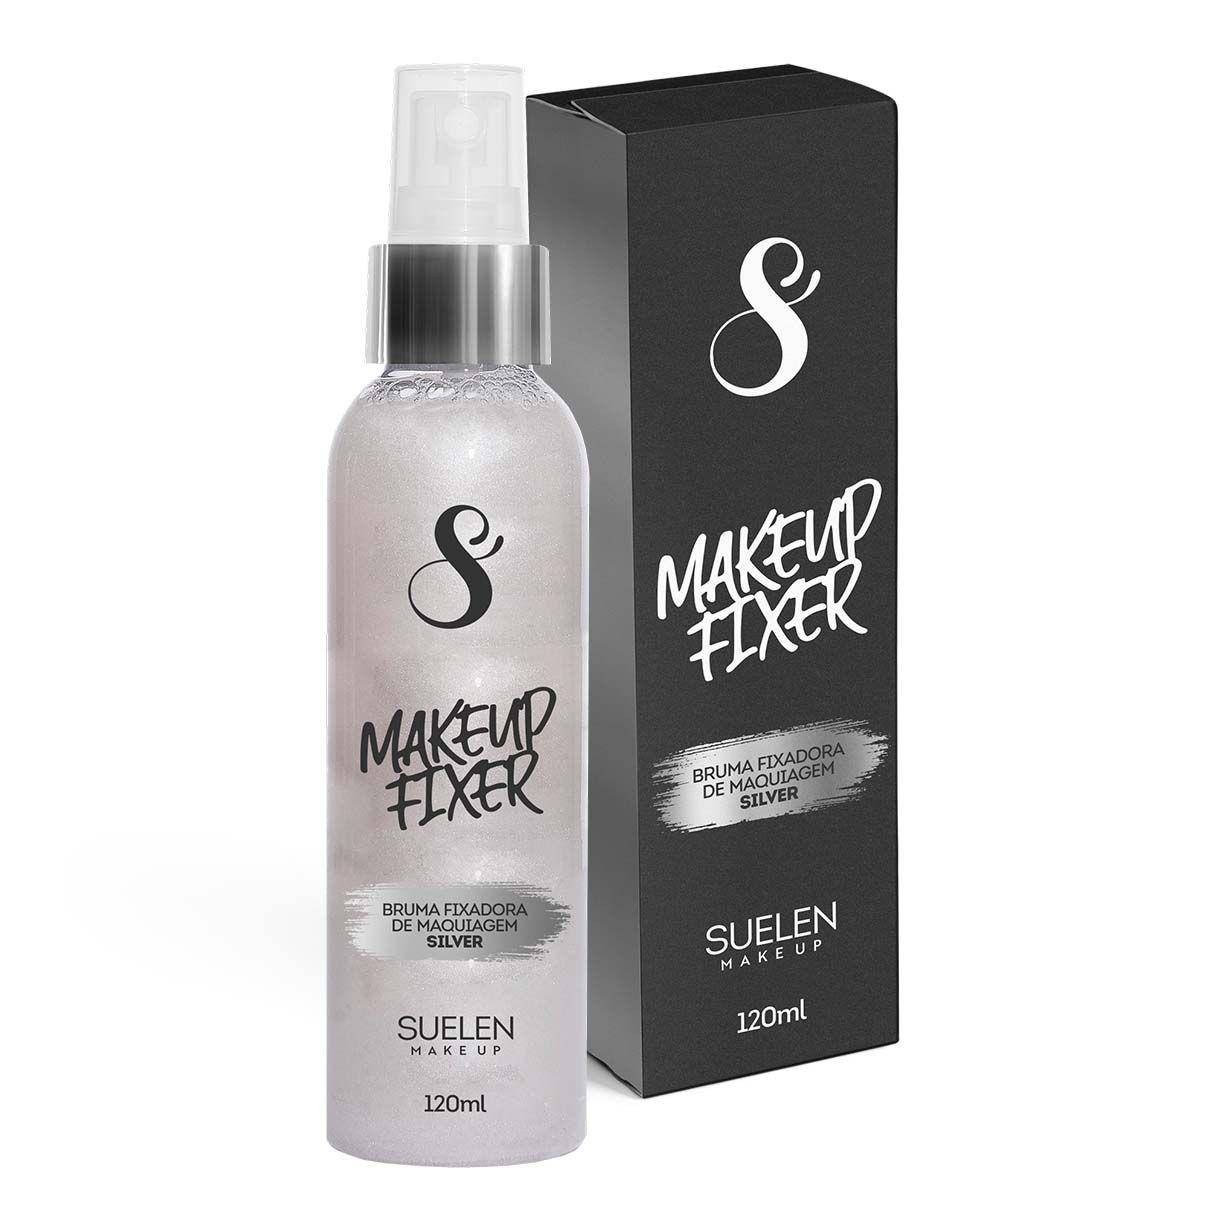 Bruma Fixadora de Maquiagem Silver Suelen Makeup